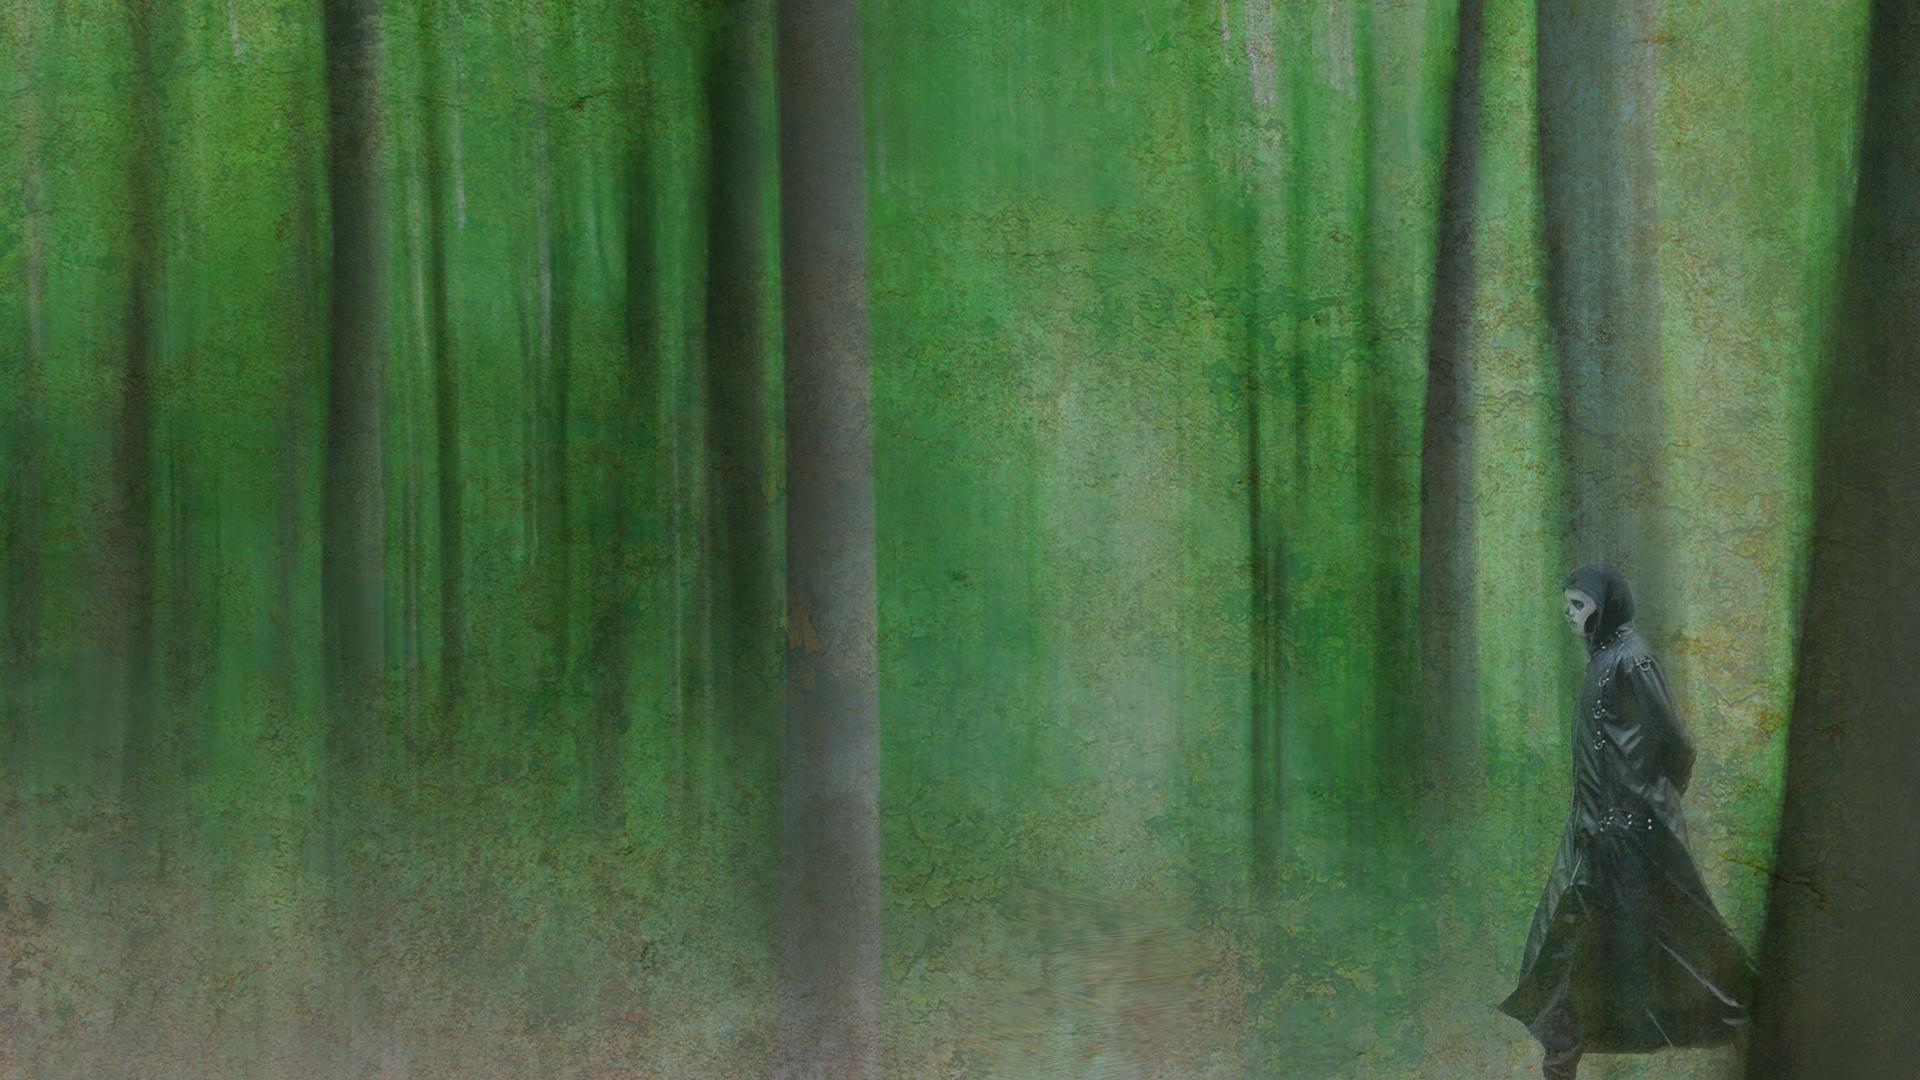 Årets billede digital 3. plads Søren Andersen Døden i den grønne skov